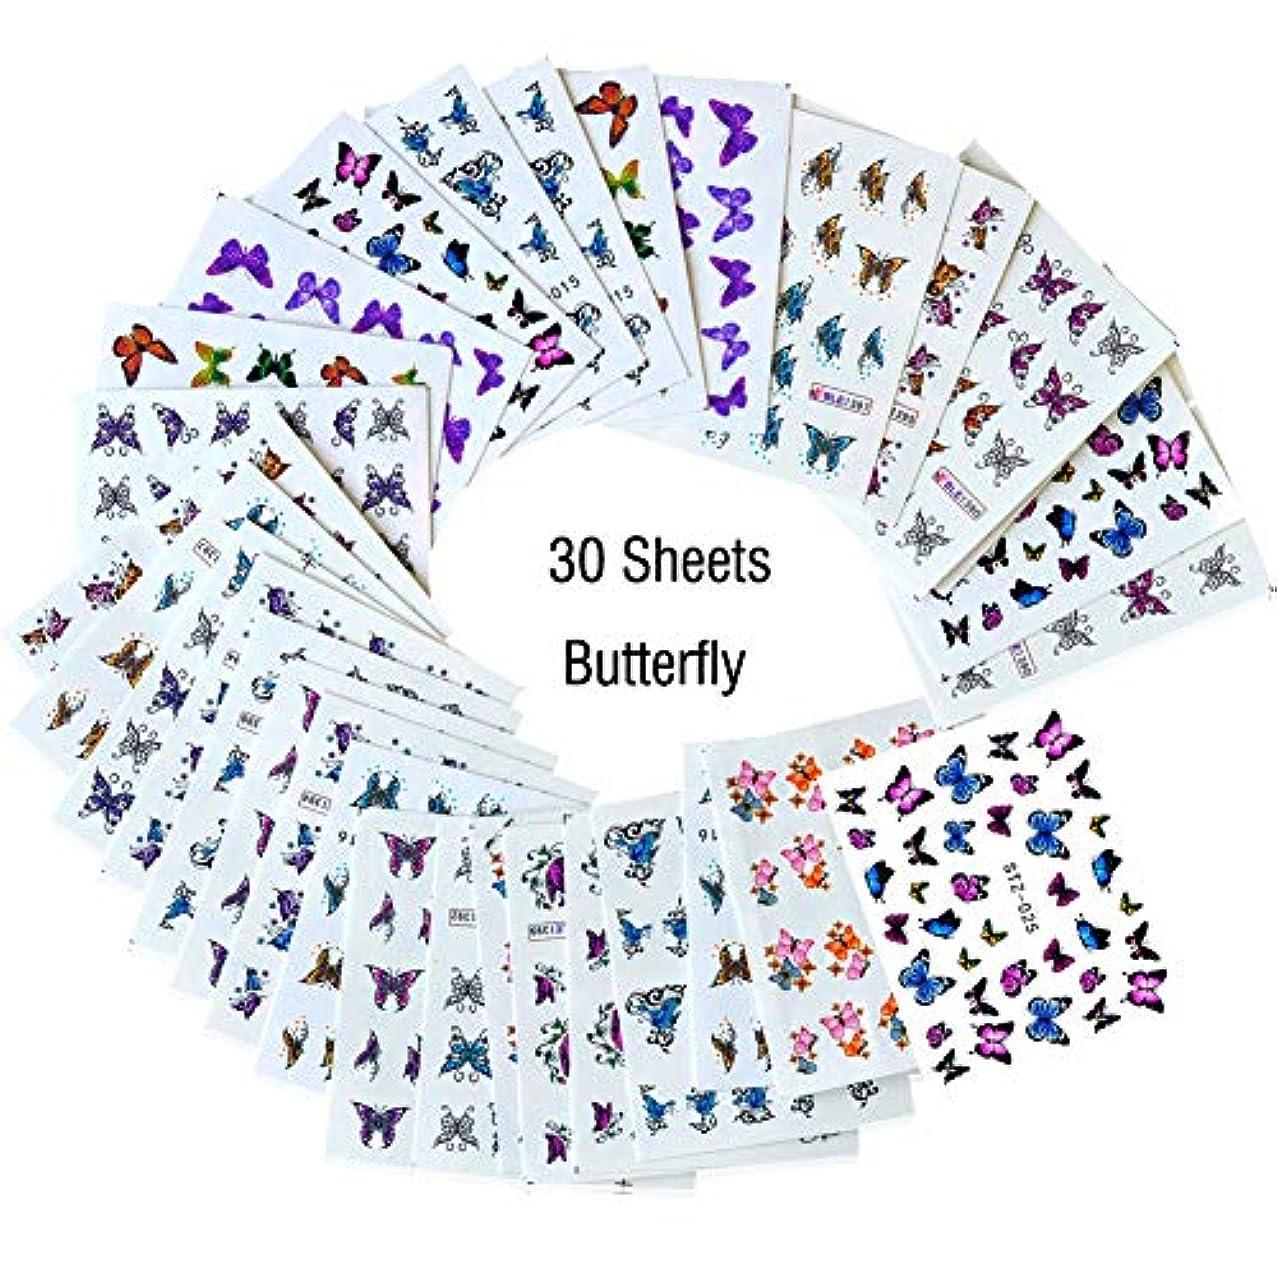 ジャンプ拳委任Lookathot 30枚ネイルアートステッカーデカール蝶デザインパターン水スカイスター箔紙印刷転写diy装飾ツールアクセサリー